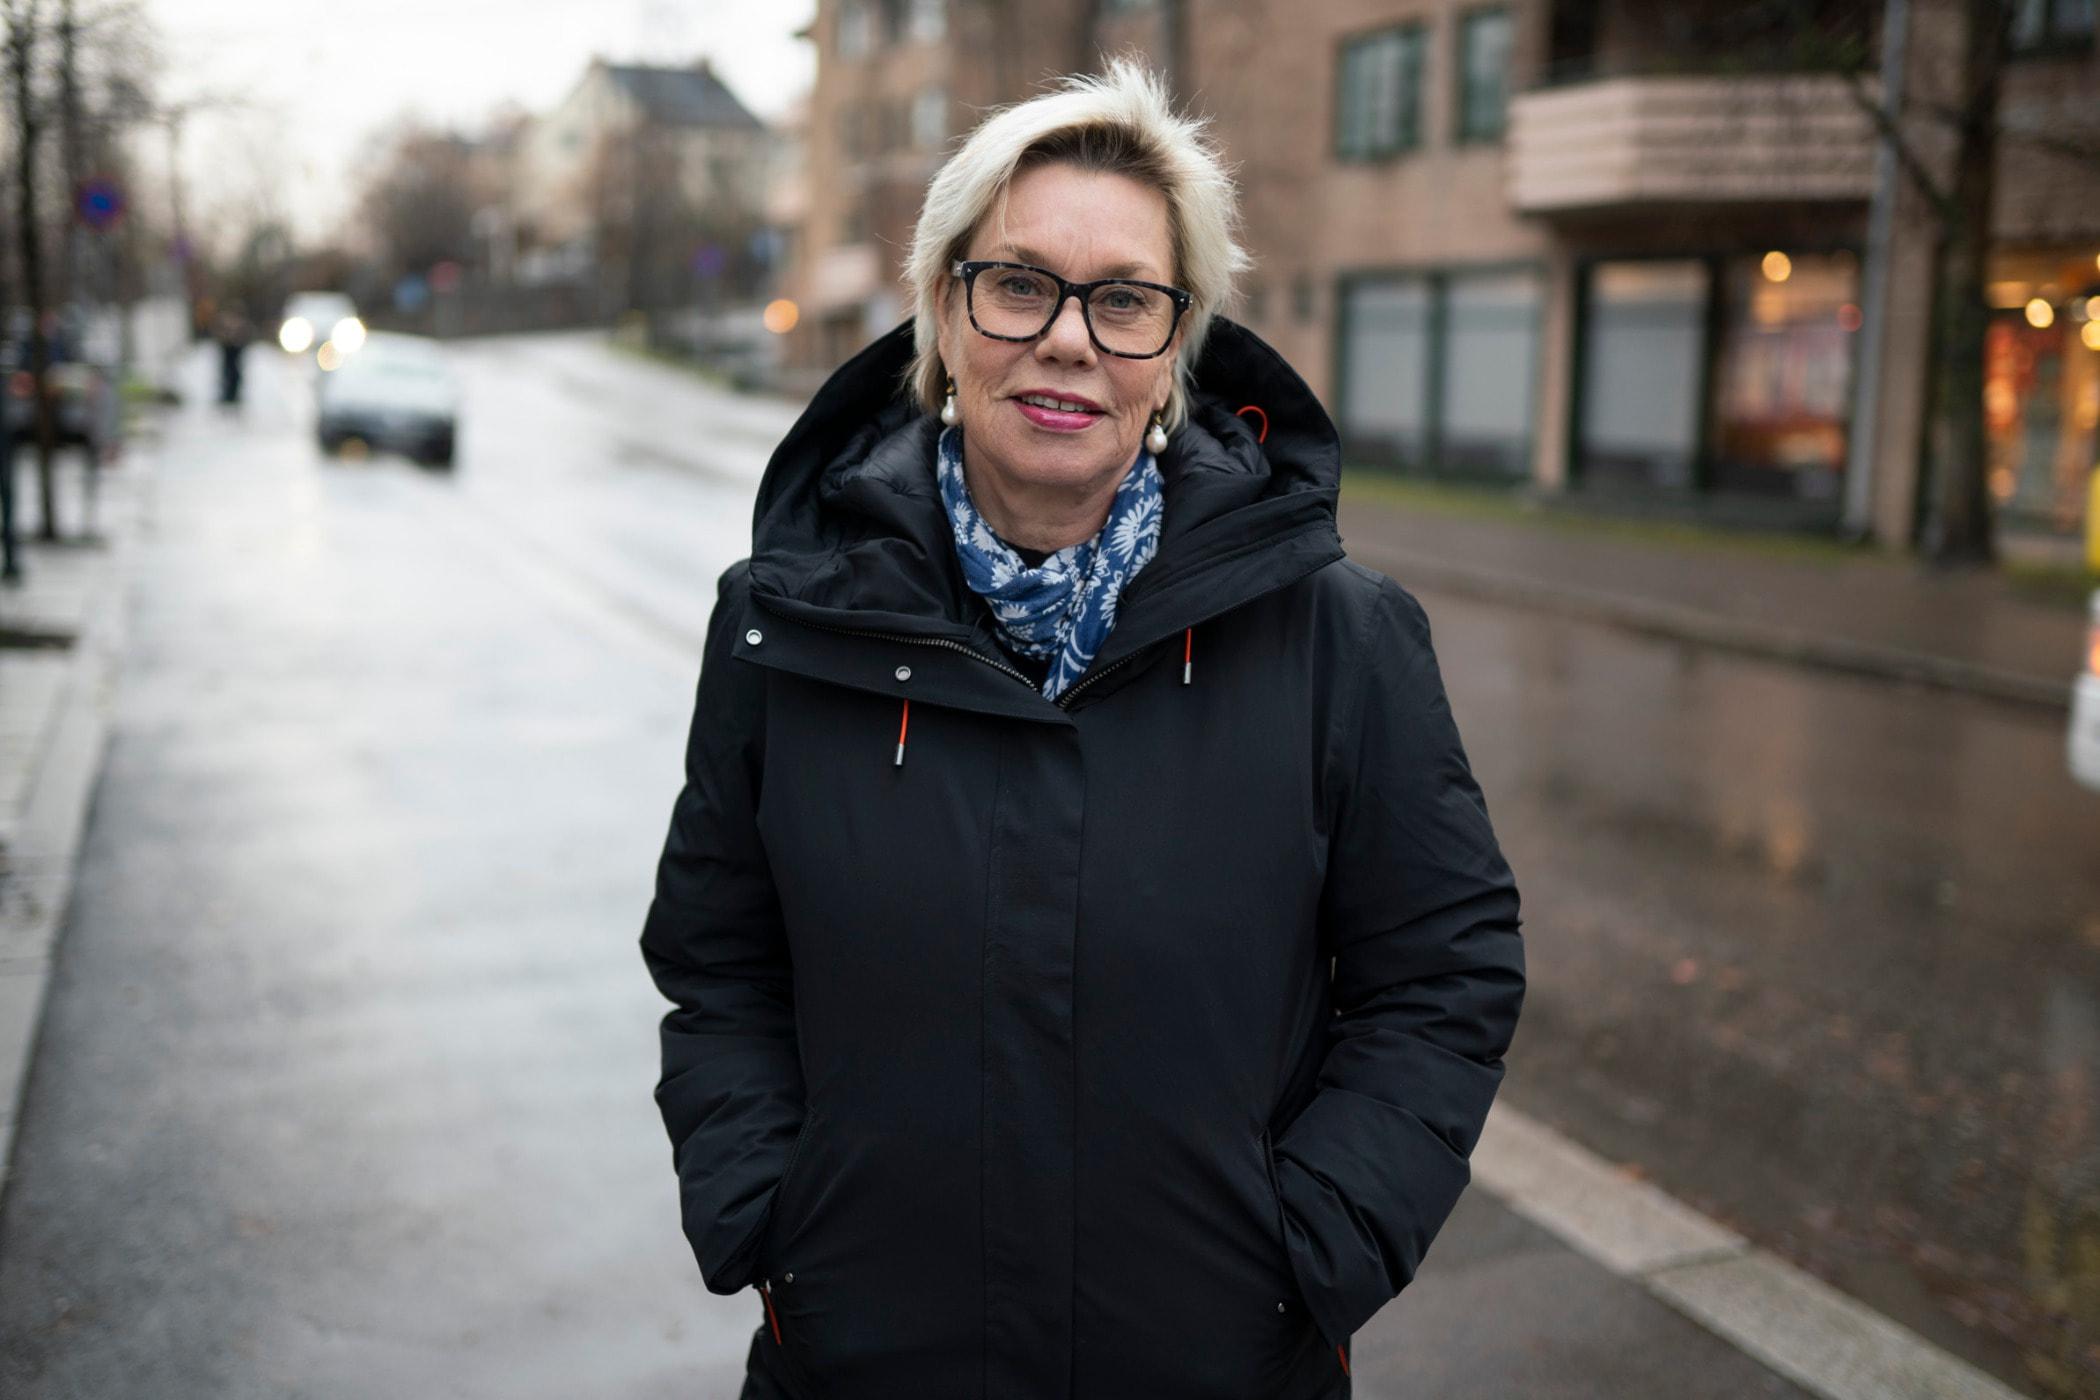 Urban area, Standing, Street, Glasses, Snapshot, Eyewear, People, White, Black, Photograph